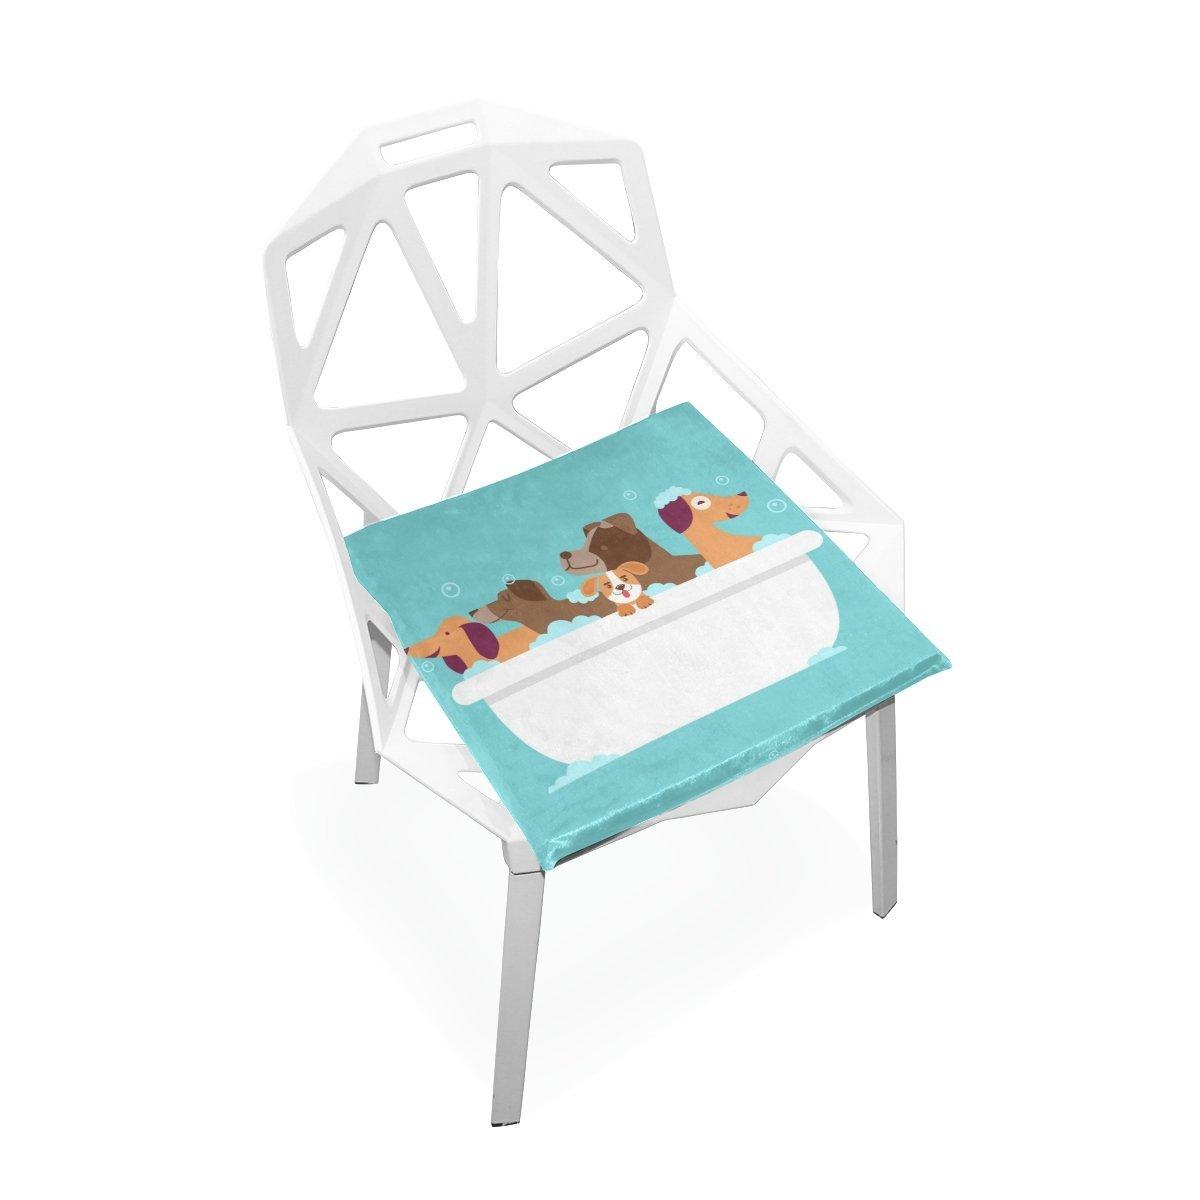 Cheap Bath Cushion Seat, find Bath Cushion Seat deals on line at ...